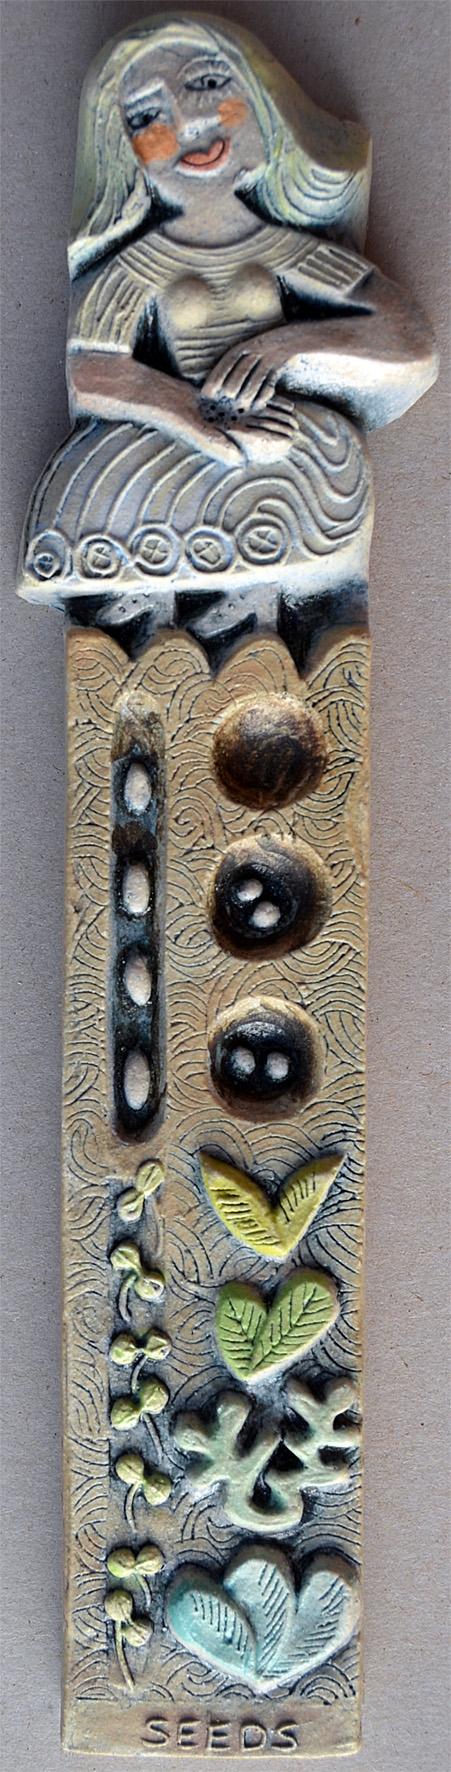 Seeds  ceramic  4 x 22 cm  SOLD